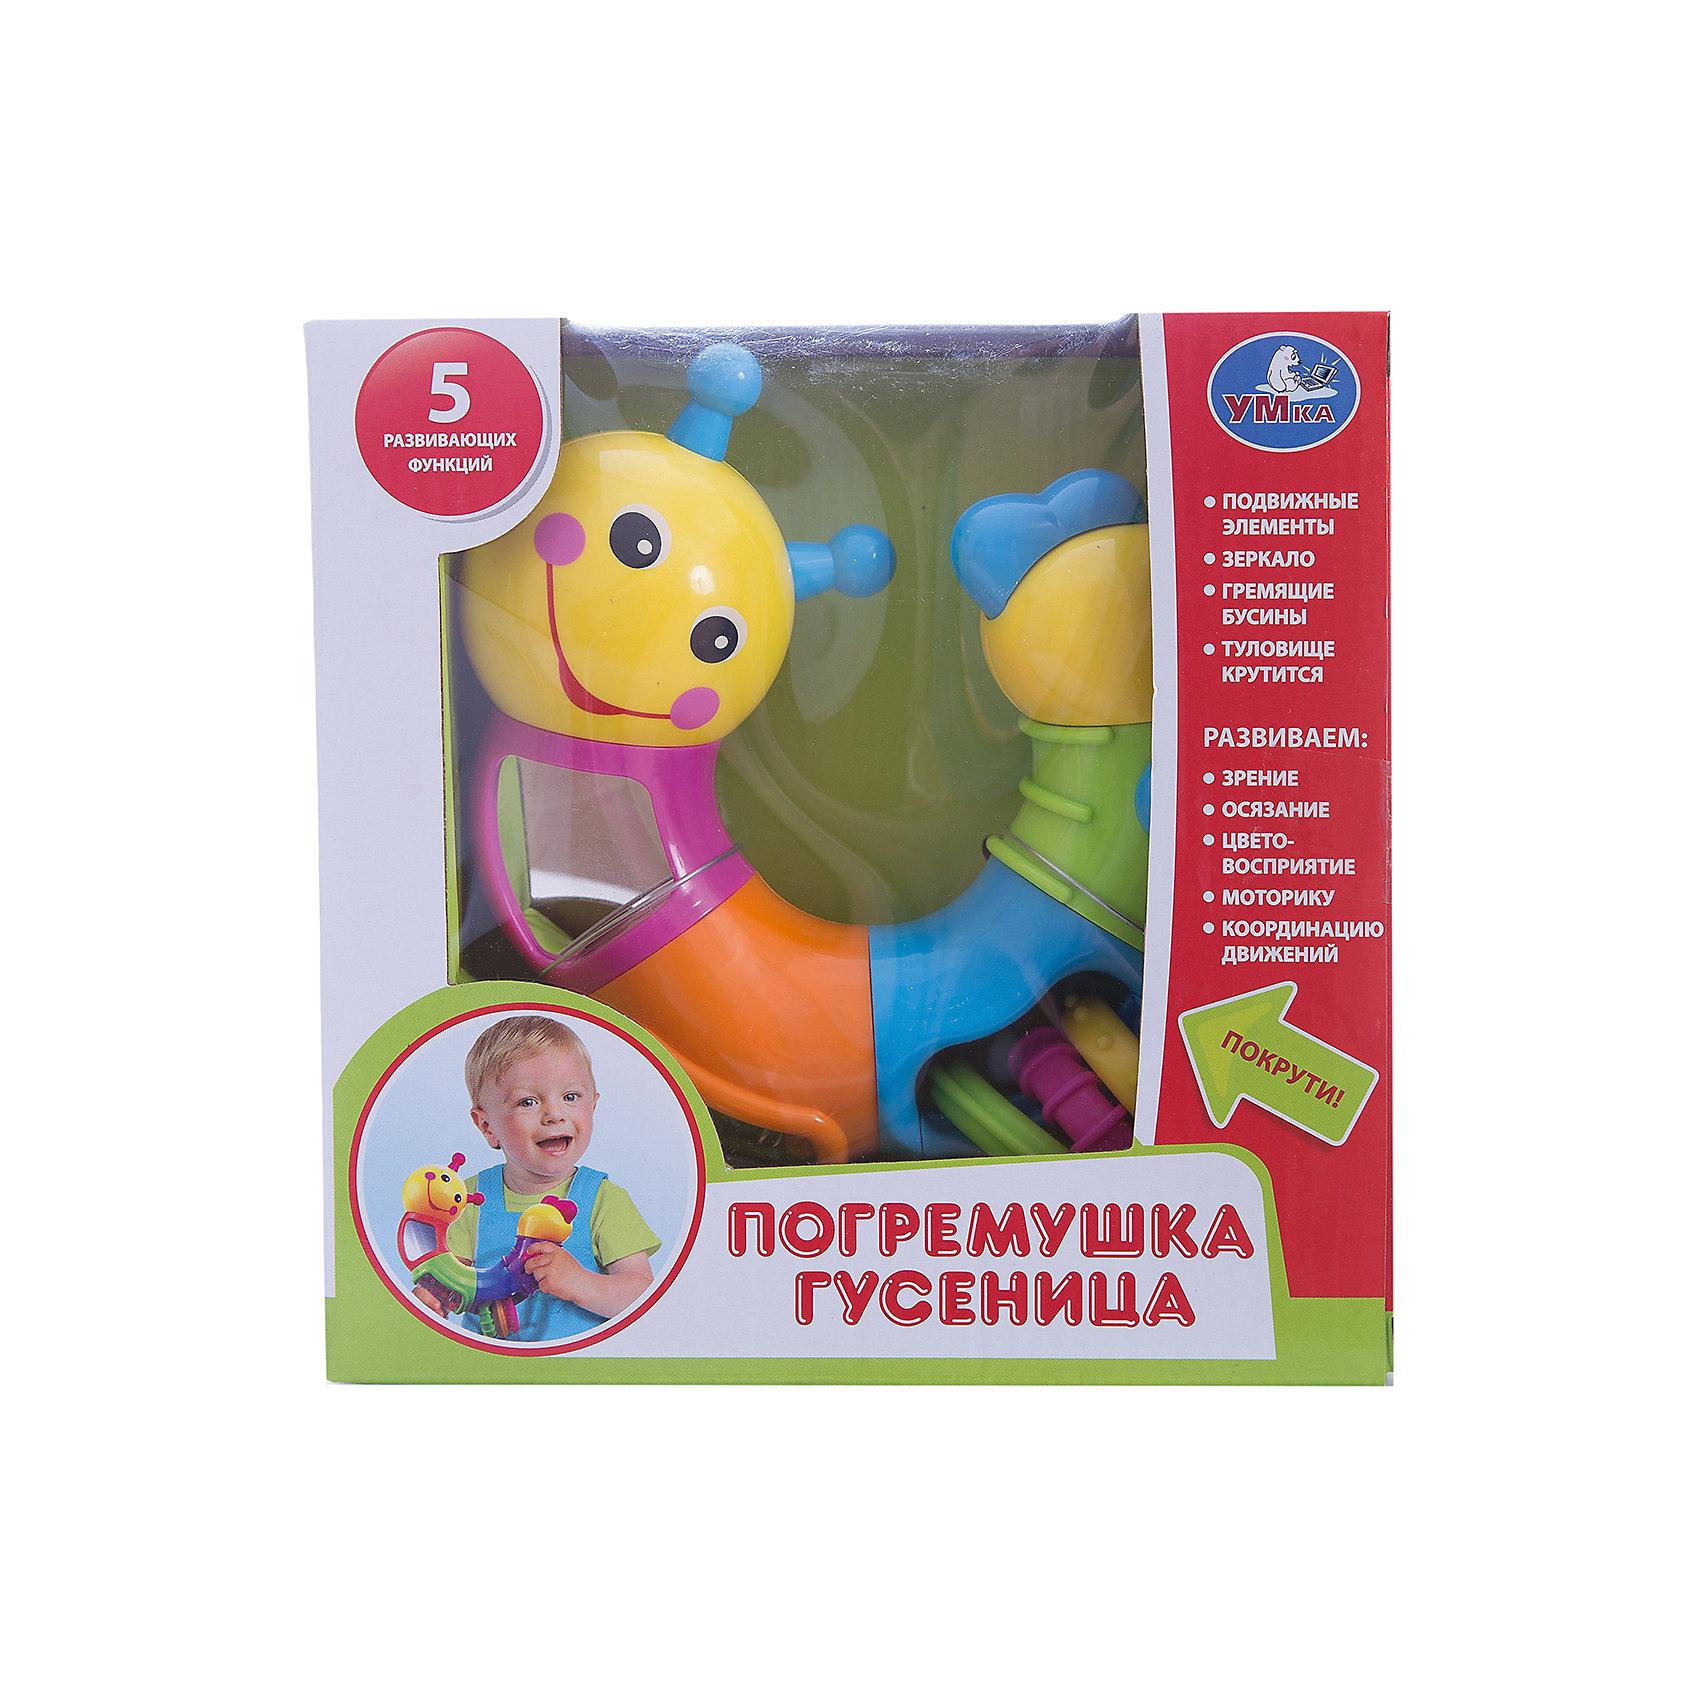 Погремушка-гусеница, УмкаПогремушки<br>Погремушка-гусеница, Умка, в ассортименте – это игрушка для самых маленьких которая обязательно привлечет их внимание.<br>Симпатичная погремушка-гусеница с мелкими шариками внутри, безопасным зеркальцем и резиновыми кольцами, которые можно использовать как прорезыватель обязательно понравится малышу. Подвижные части погремушки привлекут его внимание и помогут развить моторику пальцев. Погремушка изготовлена из высококачественной пластмассы и абсолютно безопасна.<br><br>Дополнительная информация:<br><br>- Размер упаковки: 6 x 18 x 18 см.<br>- Конструкция удобная для детских рук<br><br>- ВНИМАНИЕ! Данный товар представлен в разных вариантах исполнения. К сожалению, заранее выбрать определенный вариант невозможно. При заказе нескольких погремушек возможно получение одинаковых<br><br>Погремушку-гусеницу, Умка, в ассортименте можно купить в нашем интернет-магазине.<br><br>Ширина мм: 180<br>Глубина мм: 60<br>Высота мм: 180<br>Вес г: 290<br>Возраст от месяцев: 3<br>Возраст до месяцев: 36<br>Пол: Унисекс<br>Возраст: Детский<br>SKU: 3789461